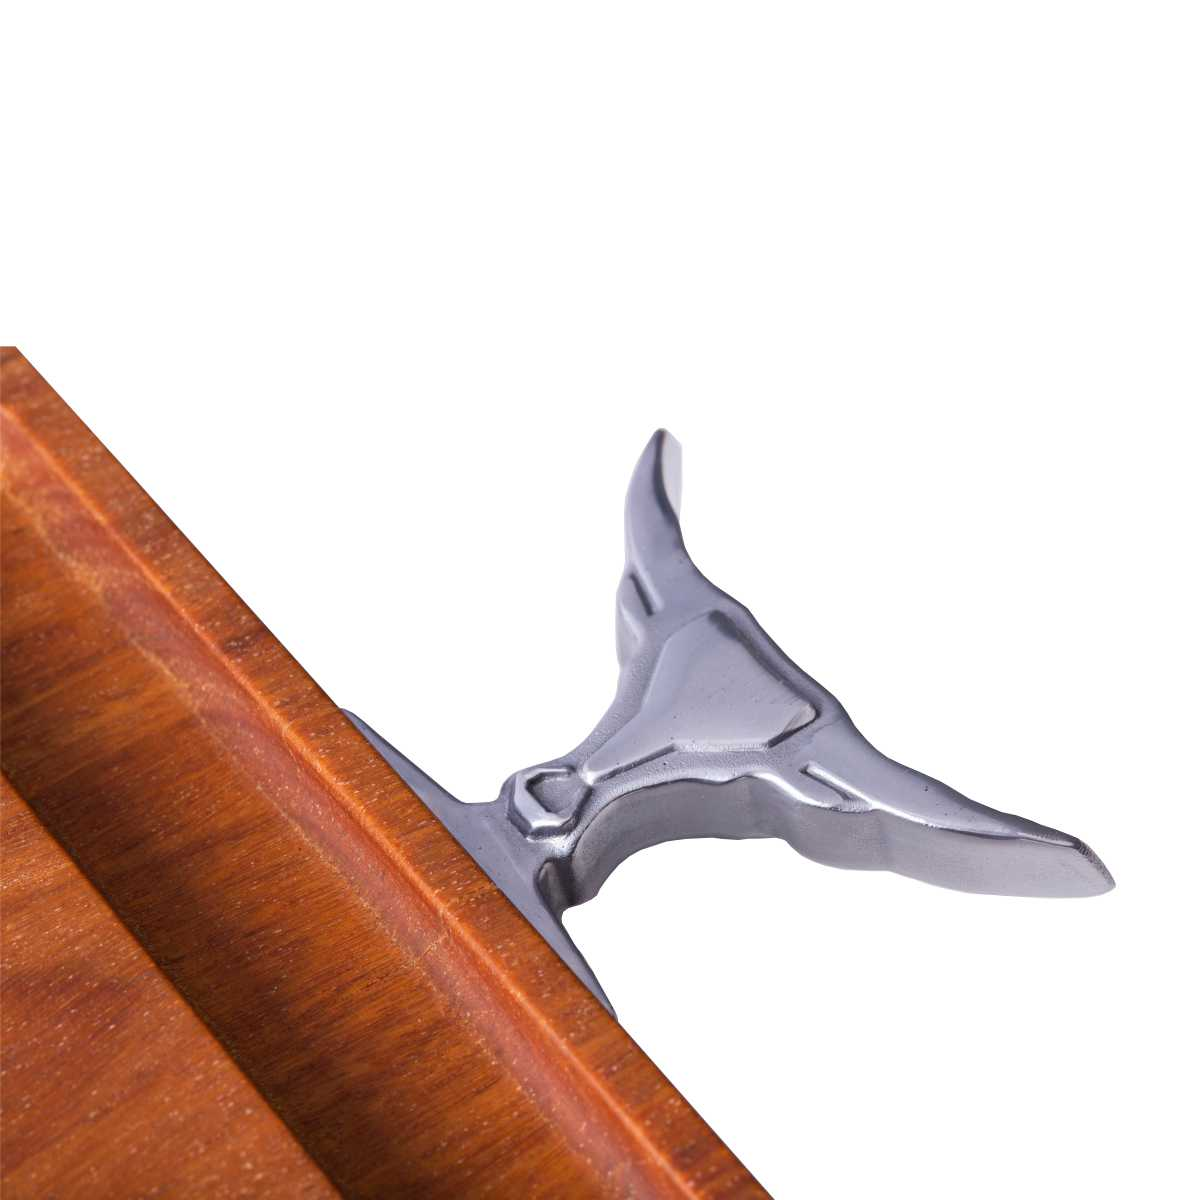 Tábua de Corte Lisa em Madeira 55 X 28,5 X 3 cm Pegadores em Alumínio Fundido Bull Neck